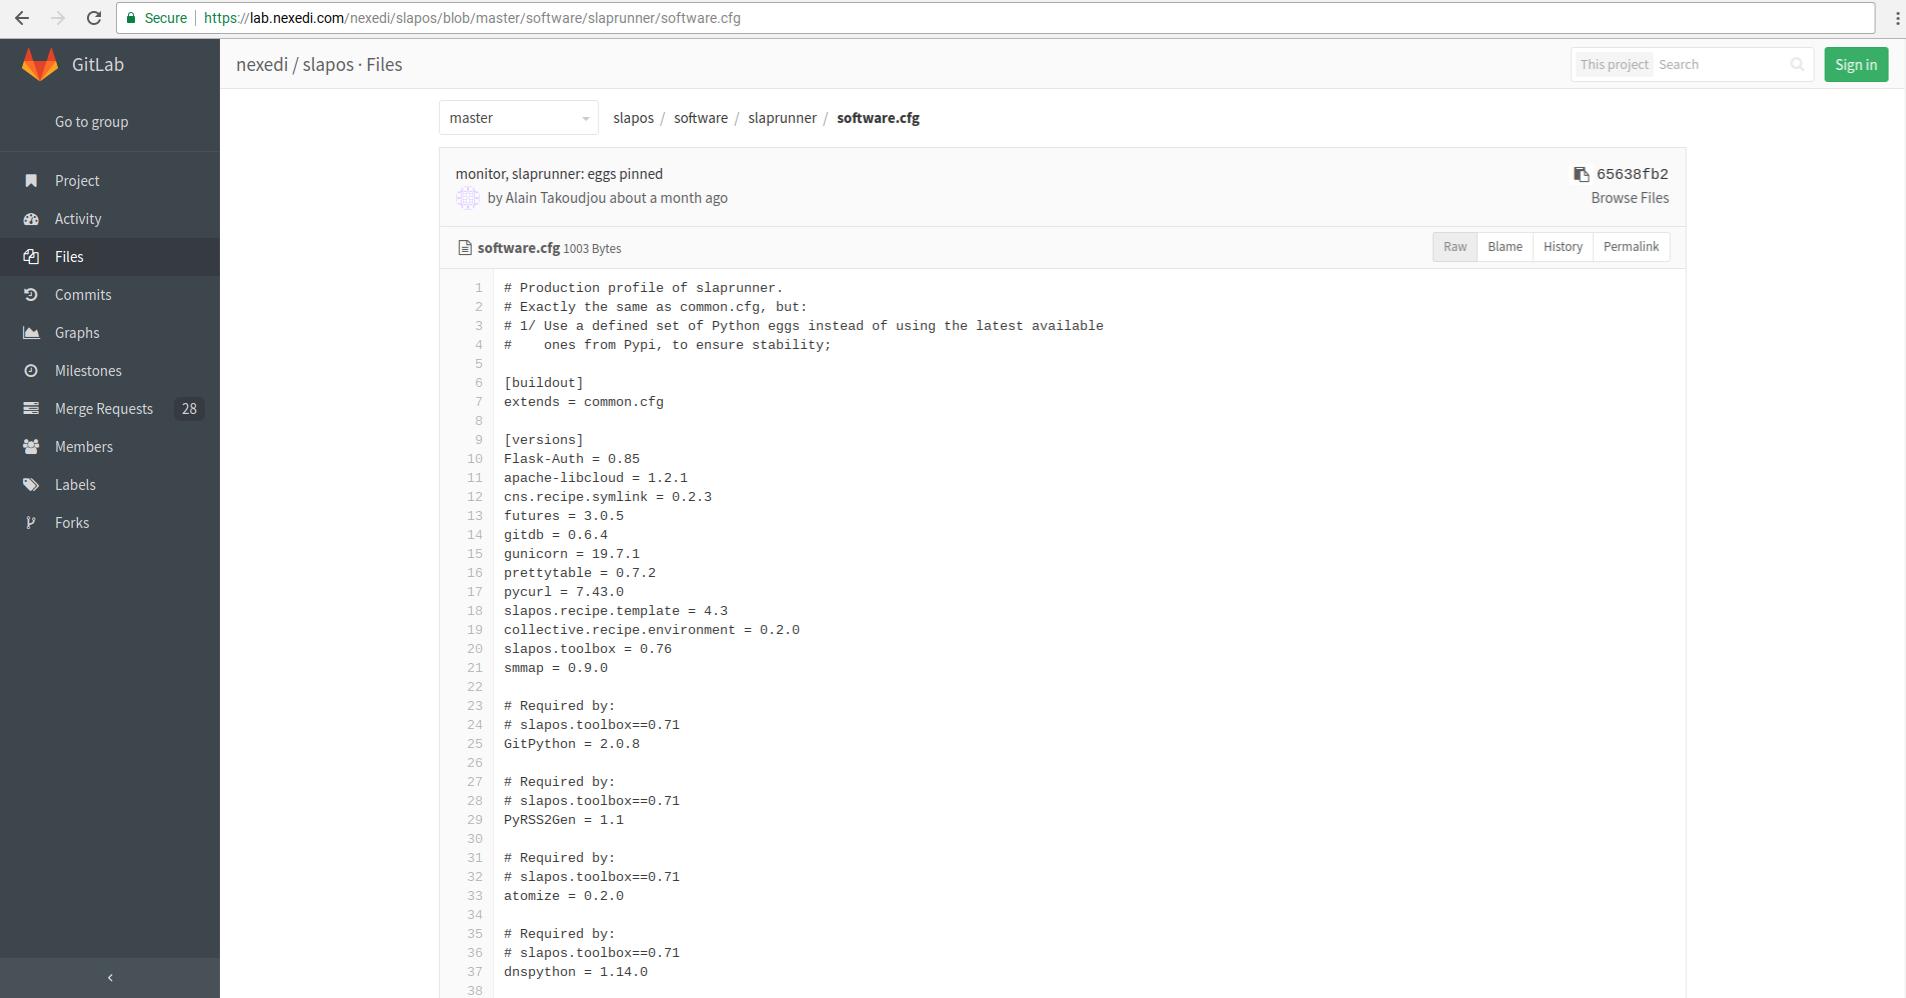 Gitlab - Webrunner Software Release Software.cfg profile